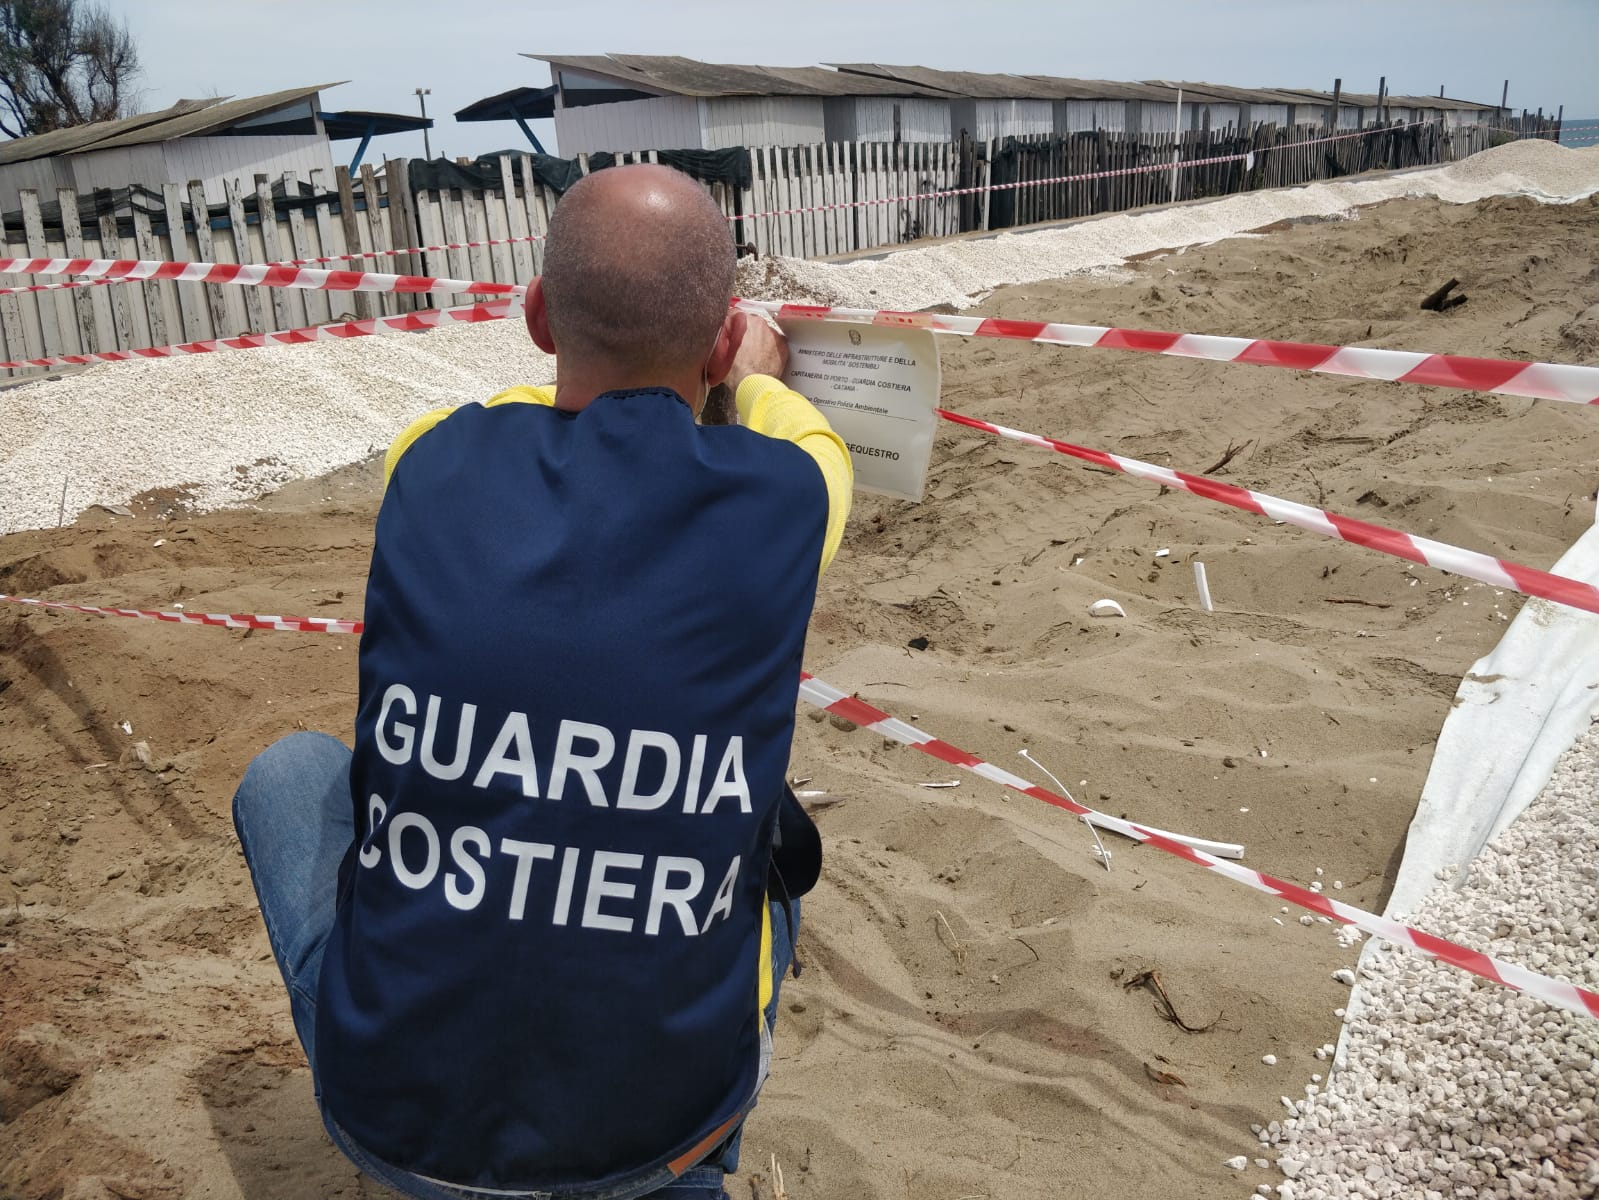 Sequestro alla Playa di Catania, due campi da paddle quasi realizzati ma senza autorizzazioni – DETTAGLI